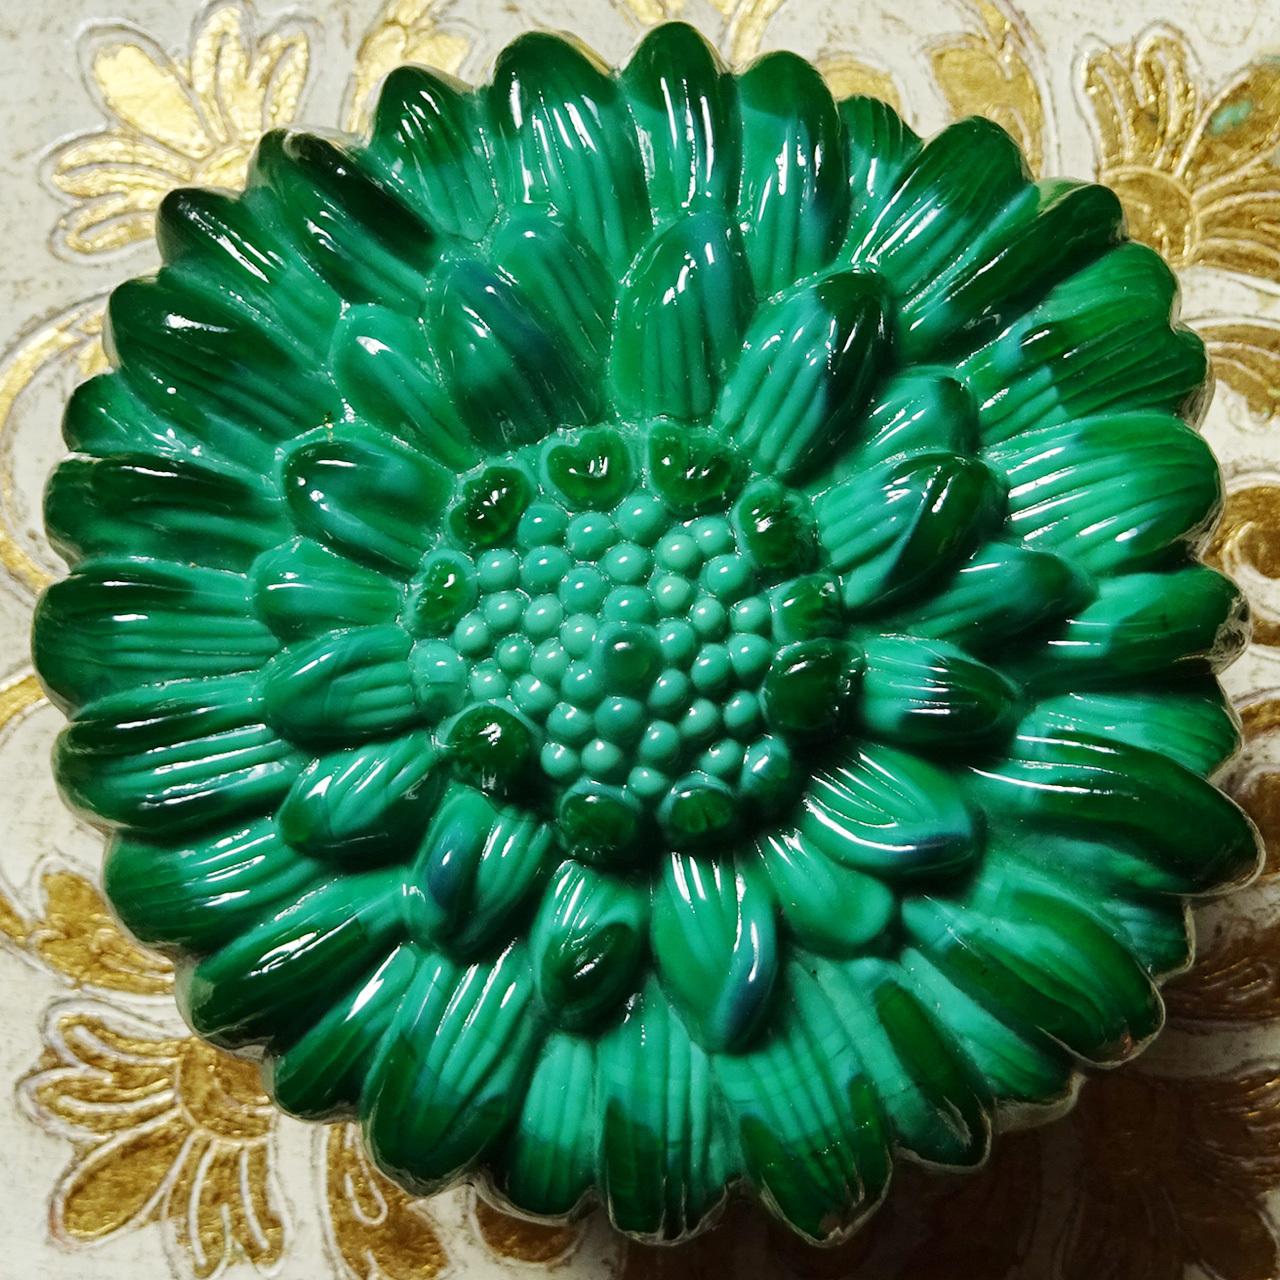 チェコスロバキア ボヘミアガラスのジュエリーポット ひまわり / マラカイトグリーン